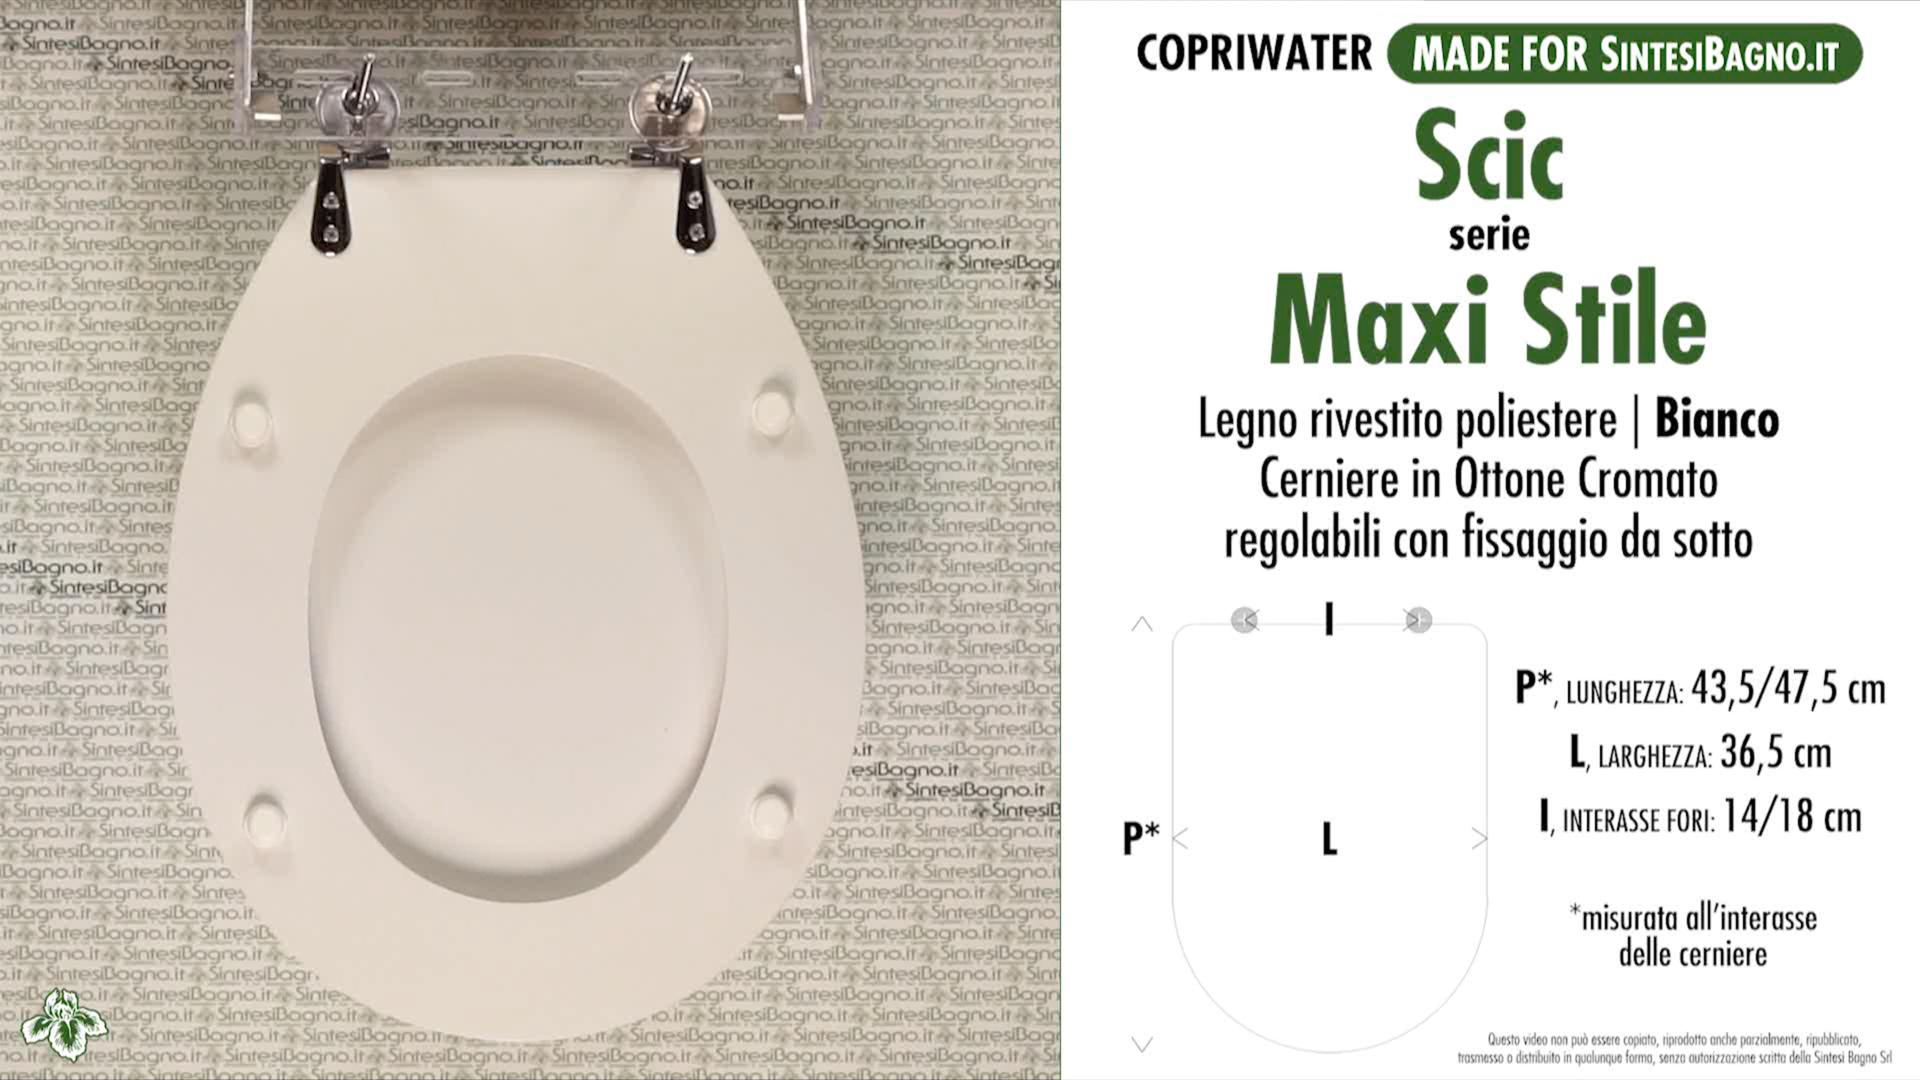 SCHEDA TECNICA MISURE copriwater SCIC MAXI STILE